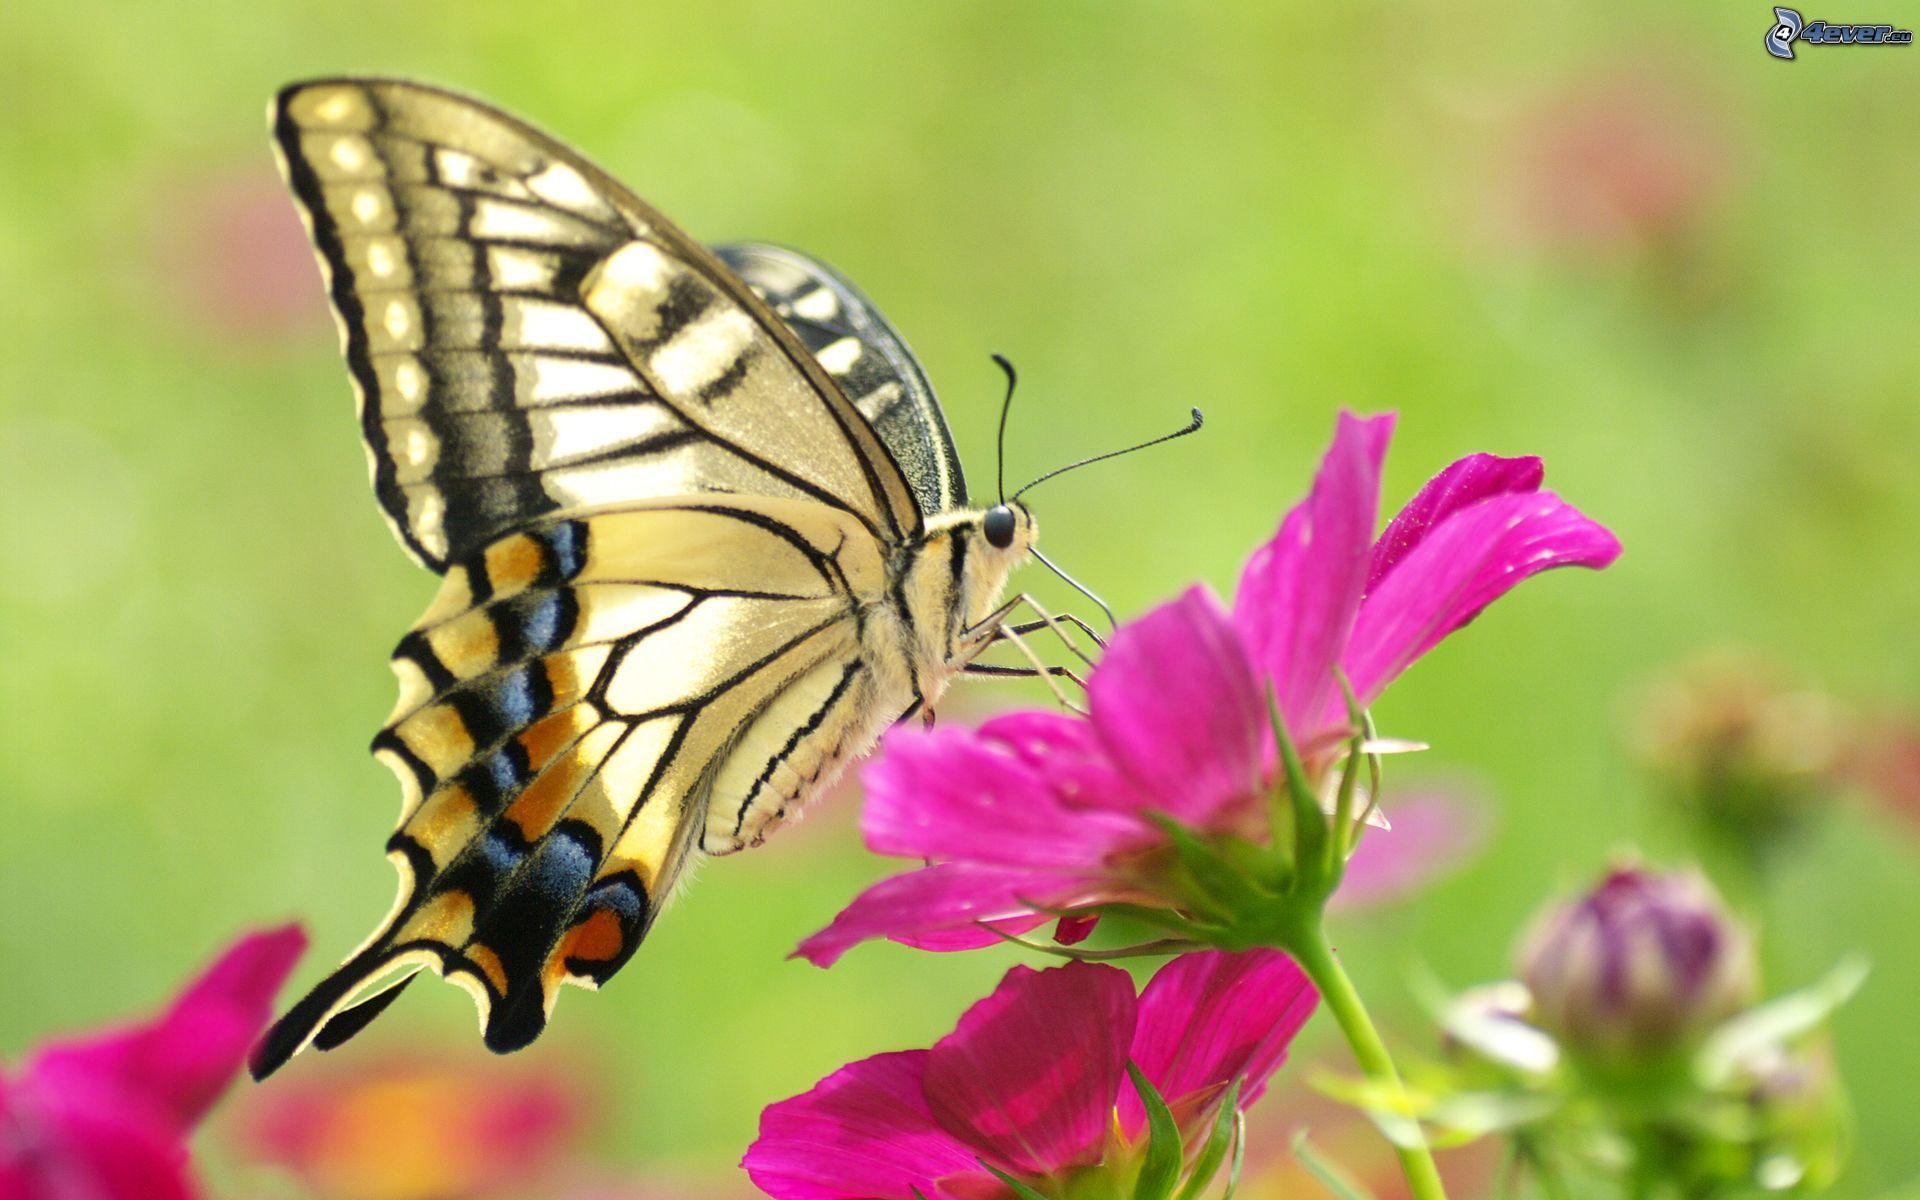 schmetterling  schmetterling auf der blume  butterfly on